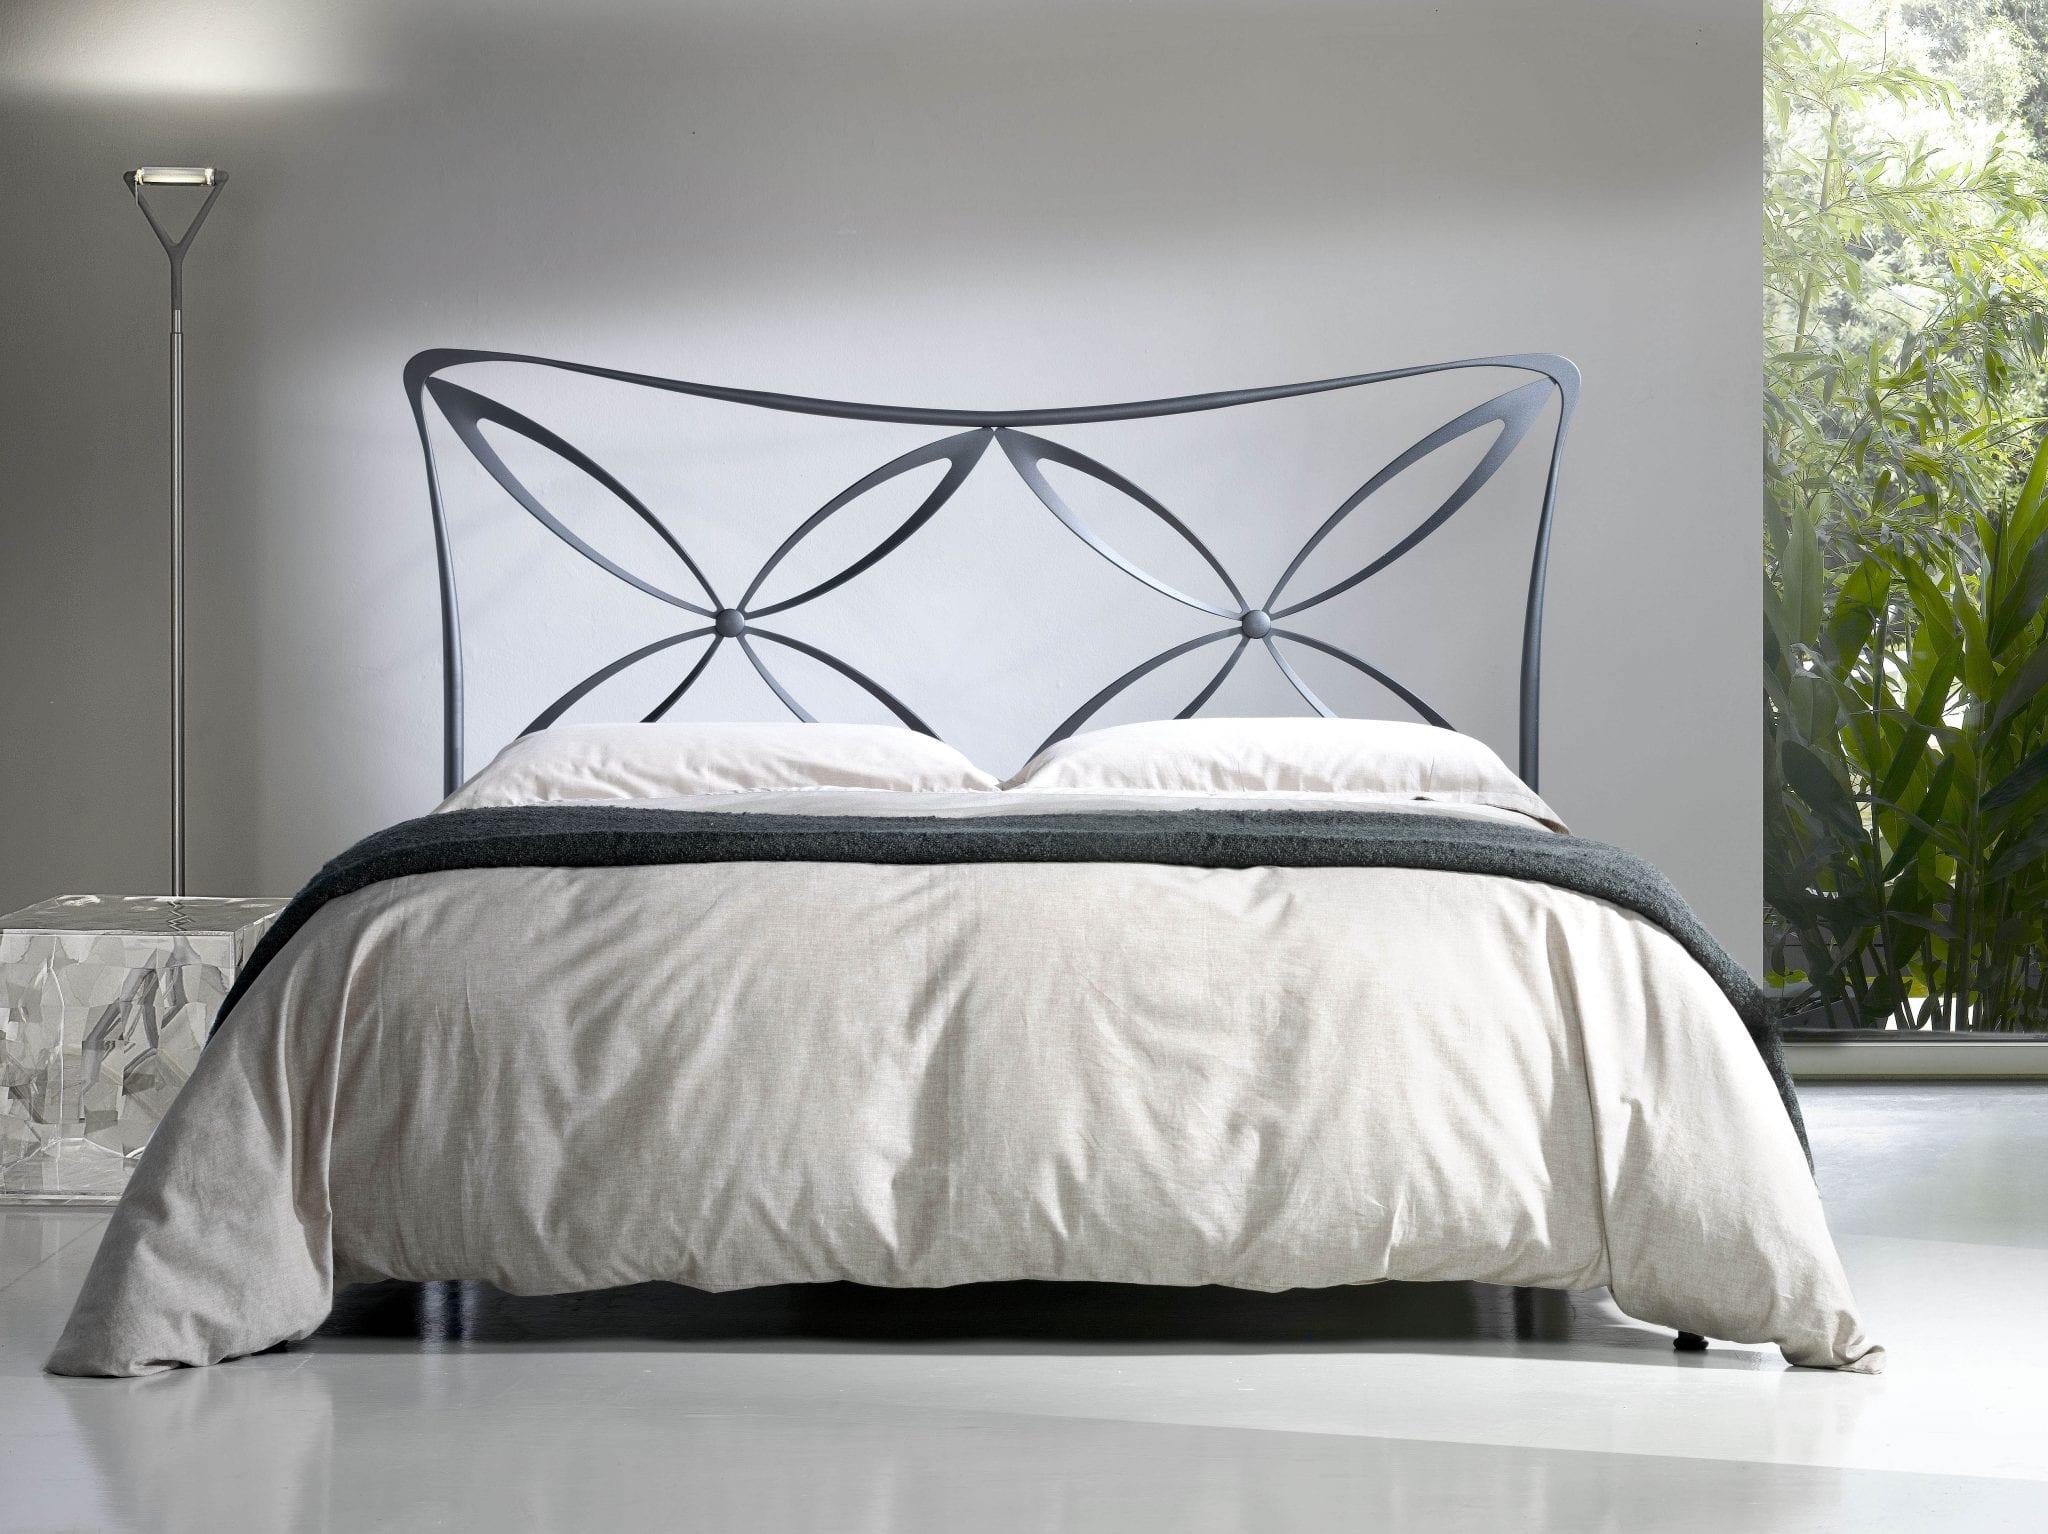 Letti Ferro Battuto Shabby Chic : Camera da letto ferro battuto. beautiful camera da letto shabby chic